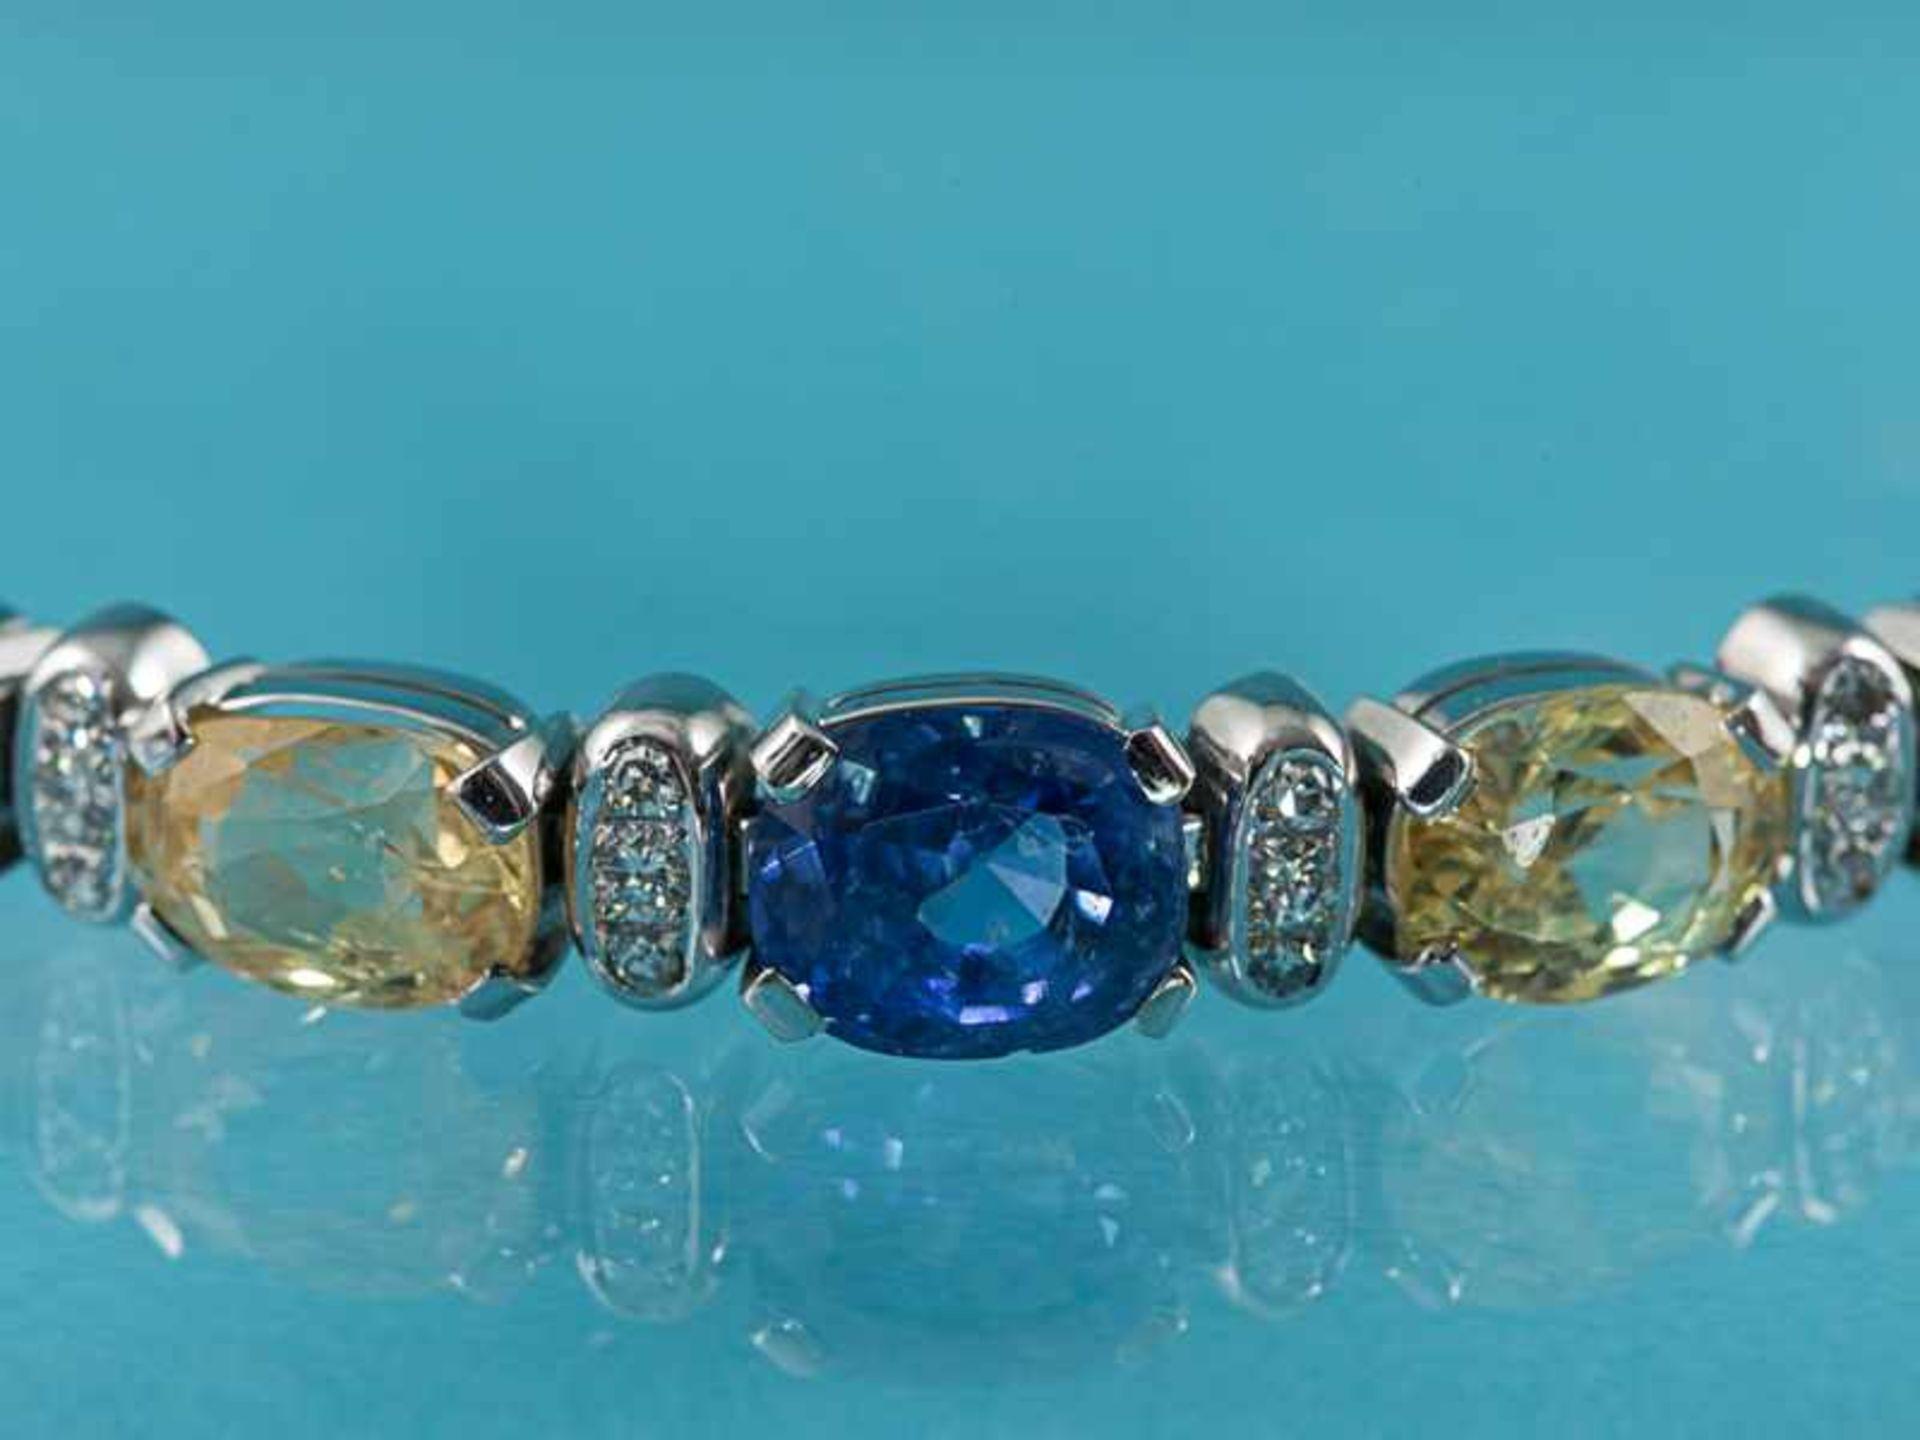 Armband mit gelben und blauen Saphiren, zusammen ca. 13,1 ct und 18 Brillanten, zusammen ca. 0,3 ct, - Bild 2 aus 5